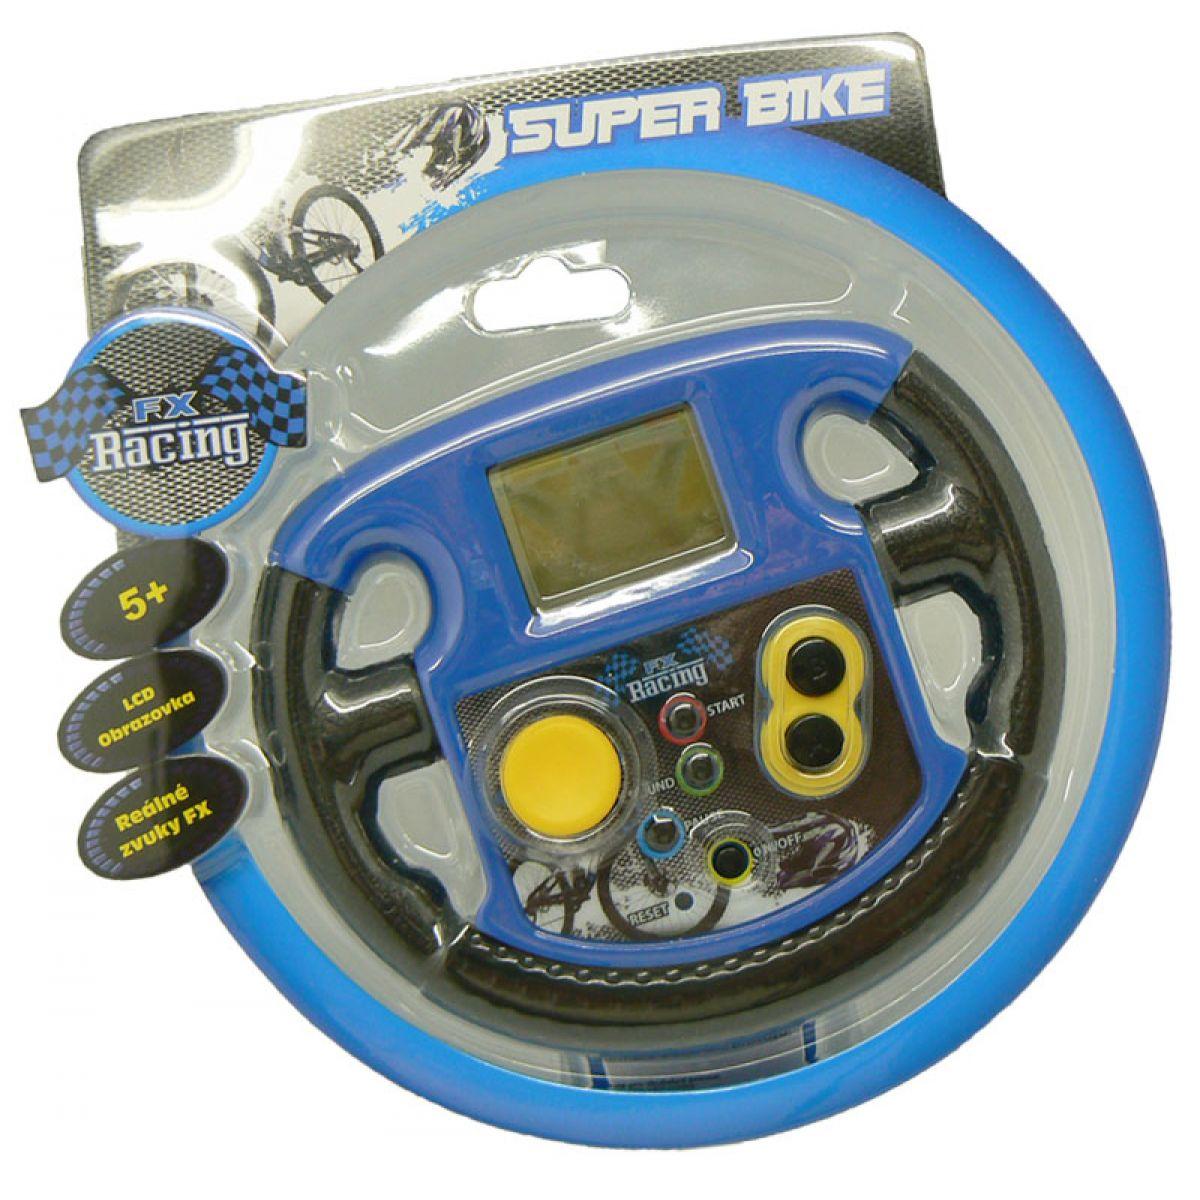 Hm Studio Digi hra Super bike